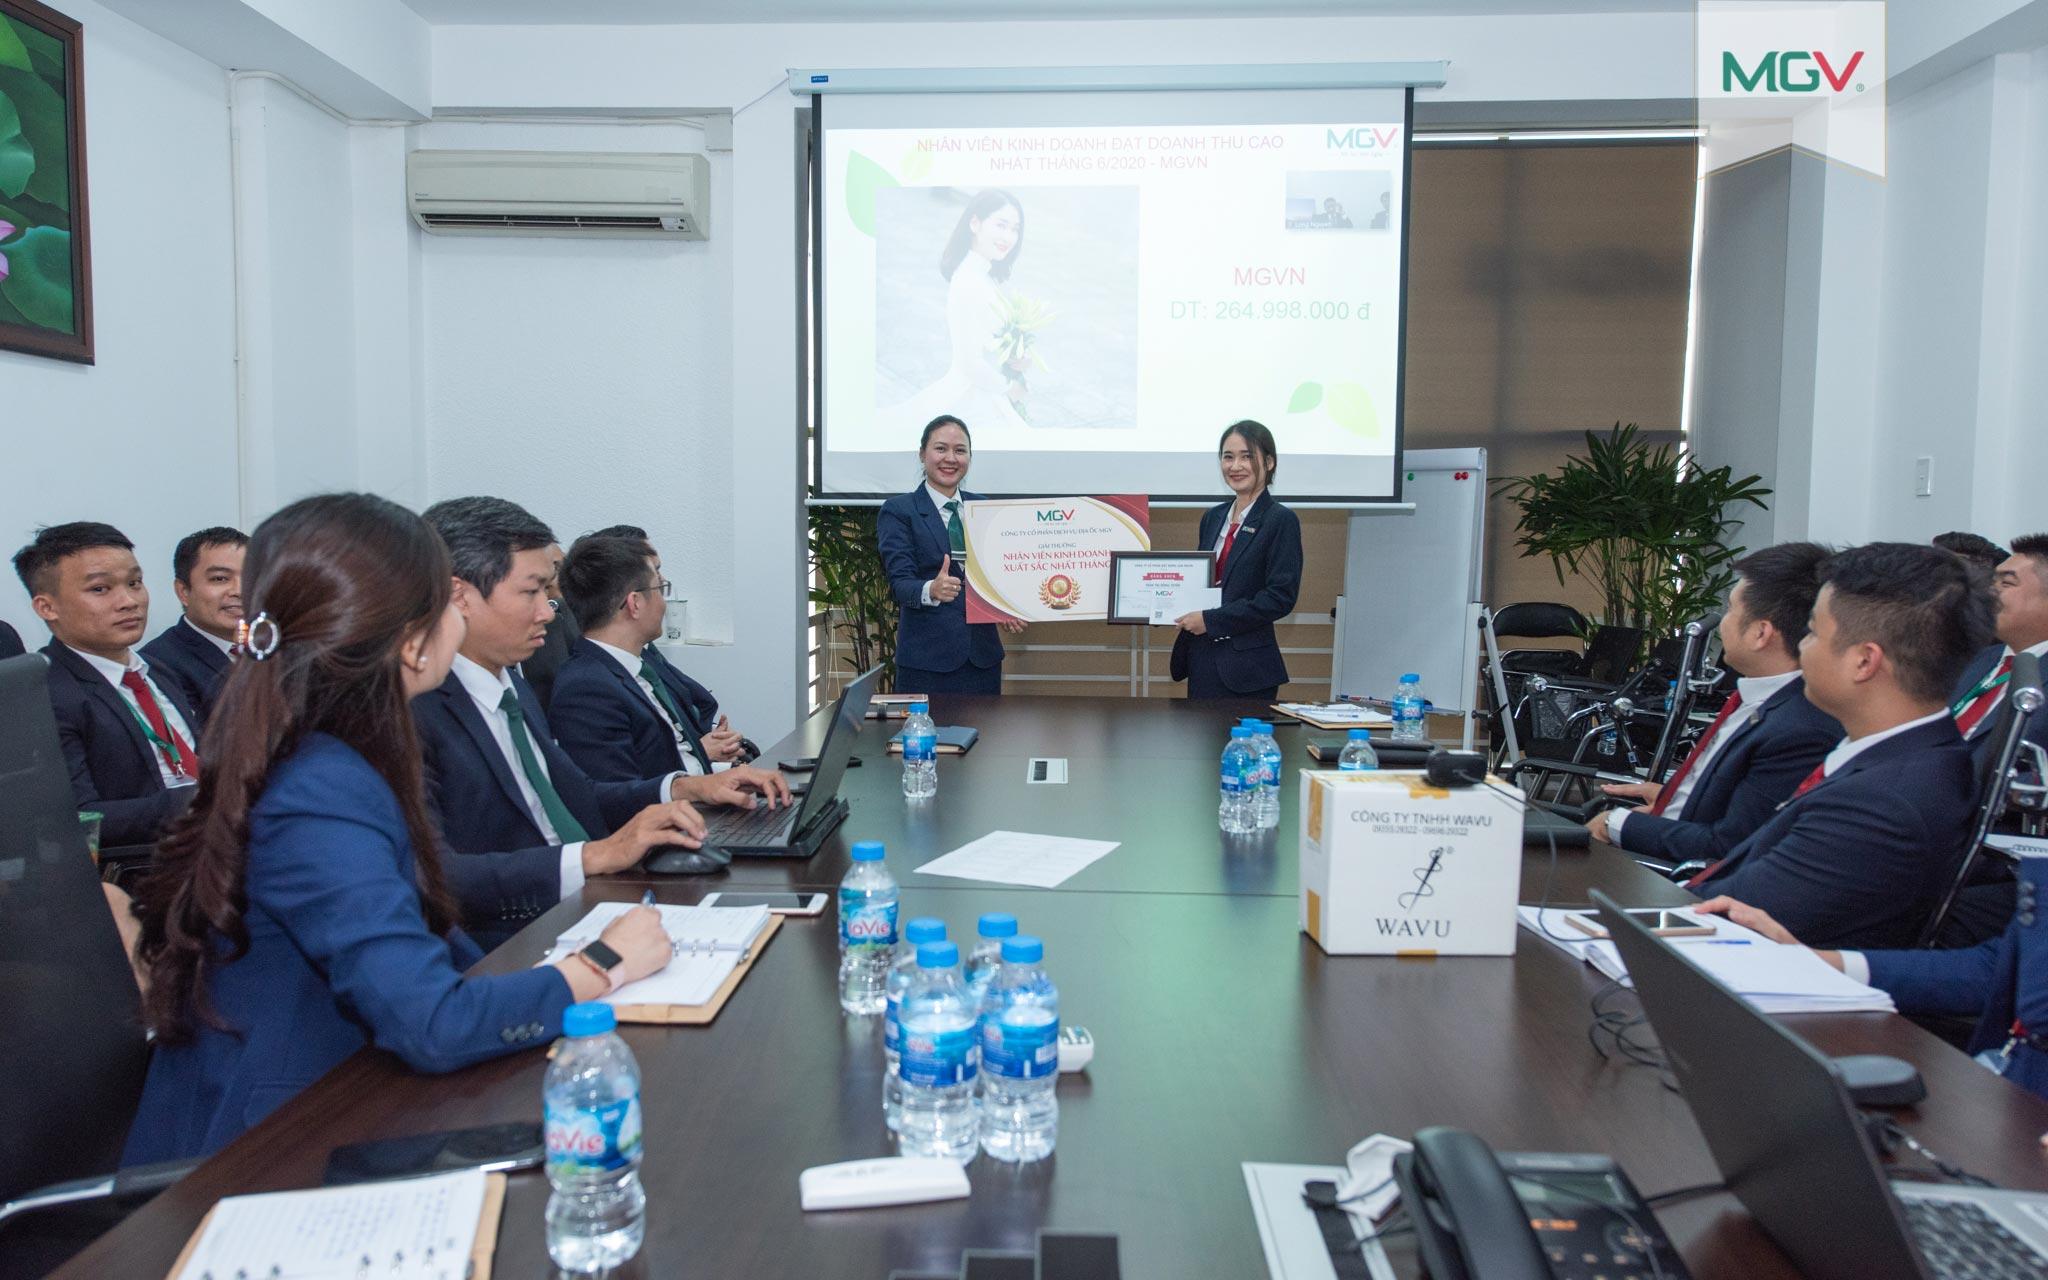 Nhân viên kinh doanh đạt doanh thu cao nhất tháng 6/2020 - chị Trần Thị Hồng Tuyển (đơn vị MGV.N)